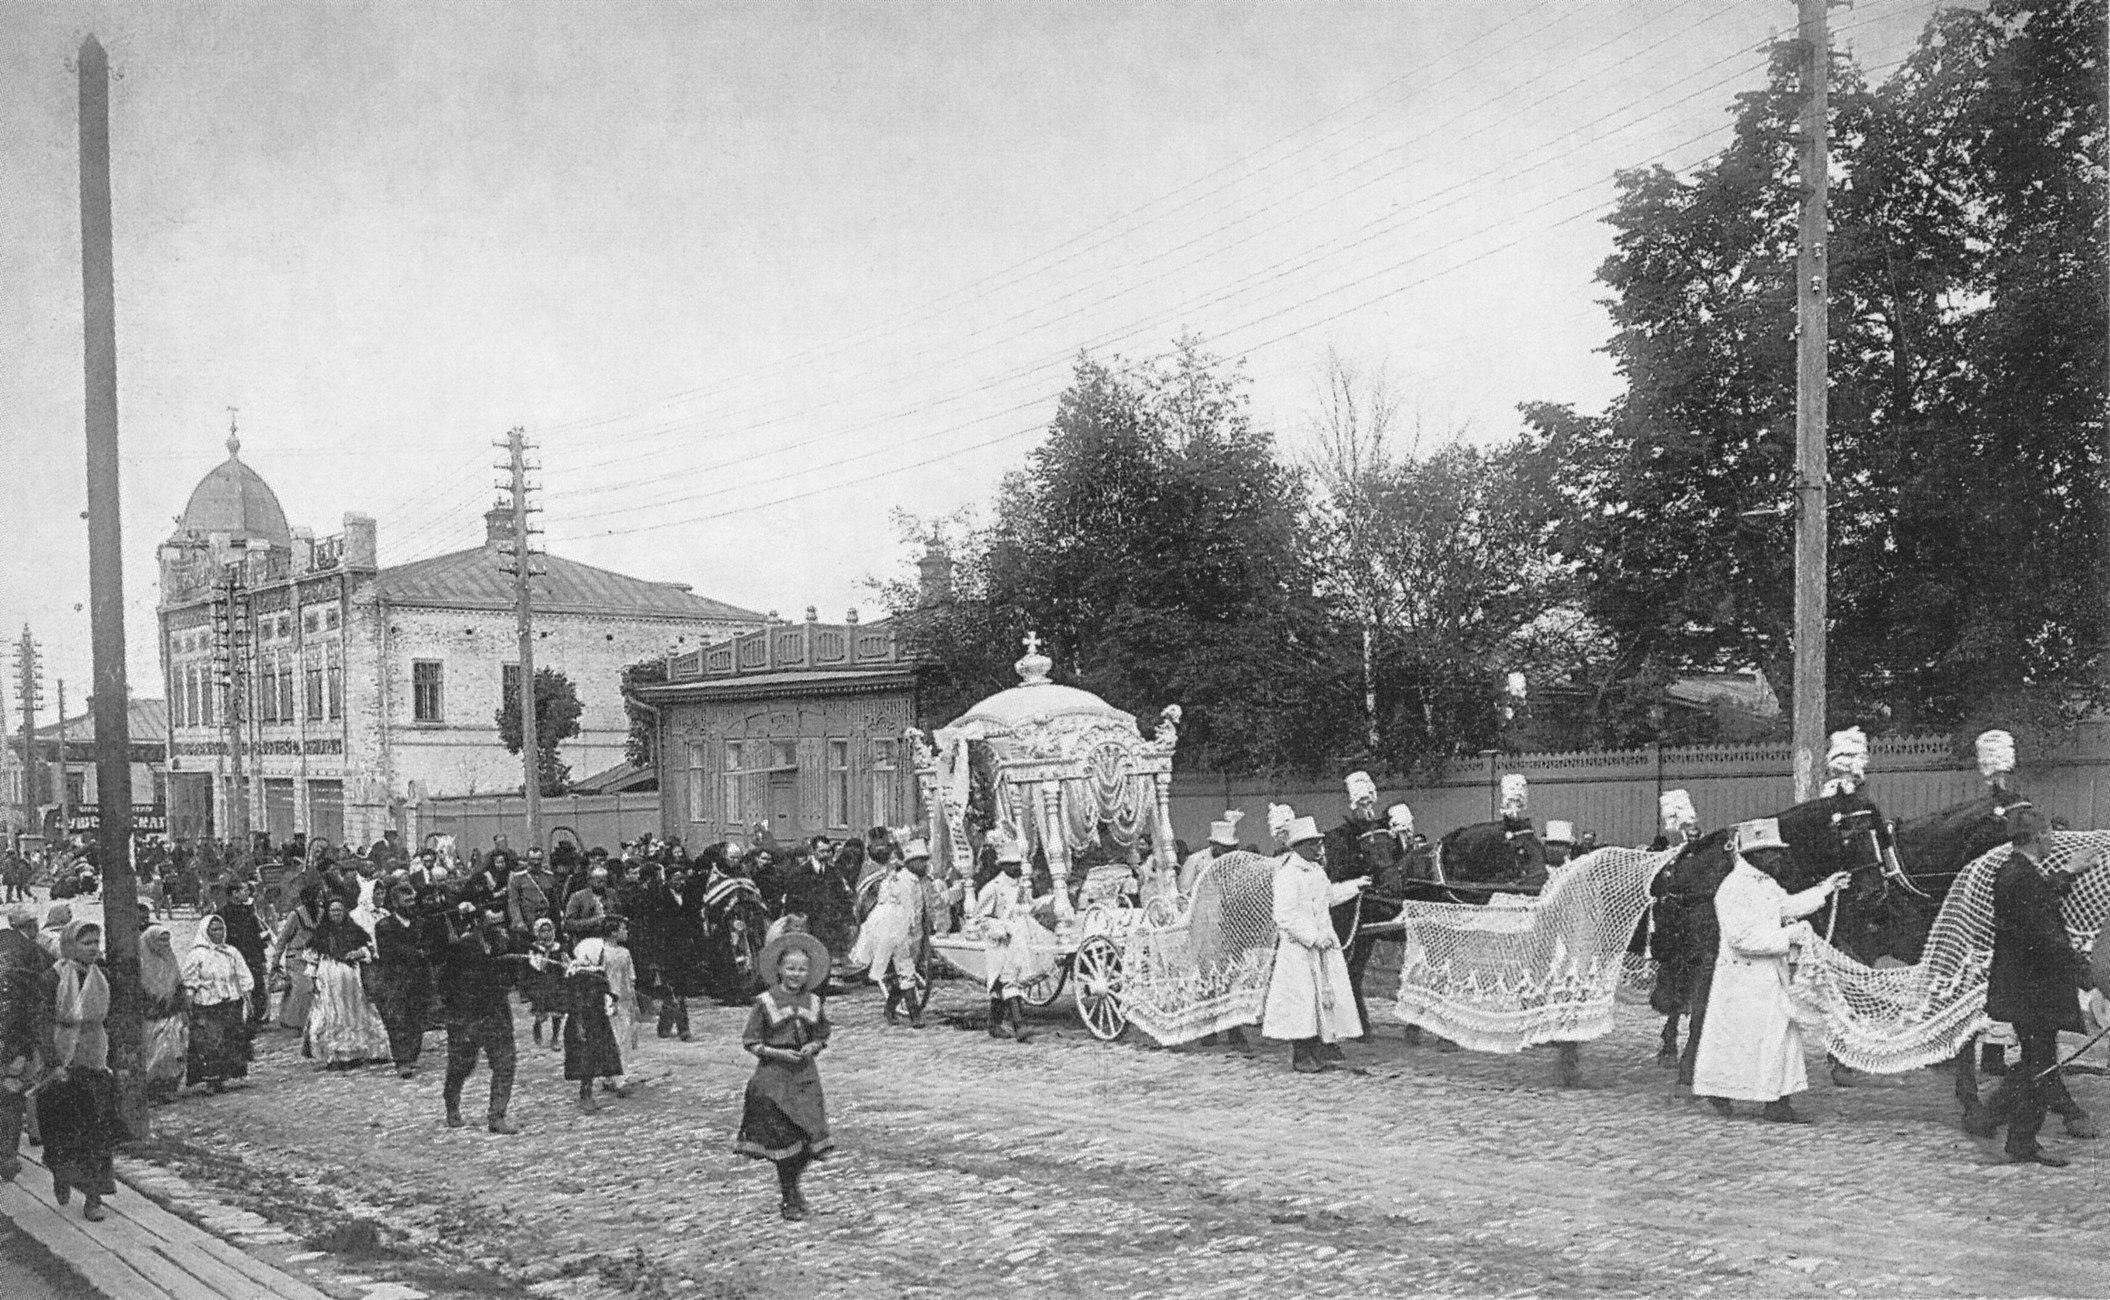 Похороны купца Василия Тарасовича Аксенова, старообрядца, почетного гражданина города